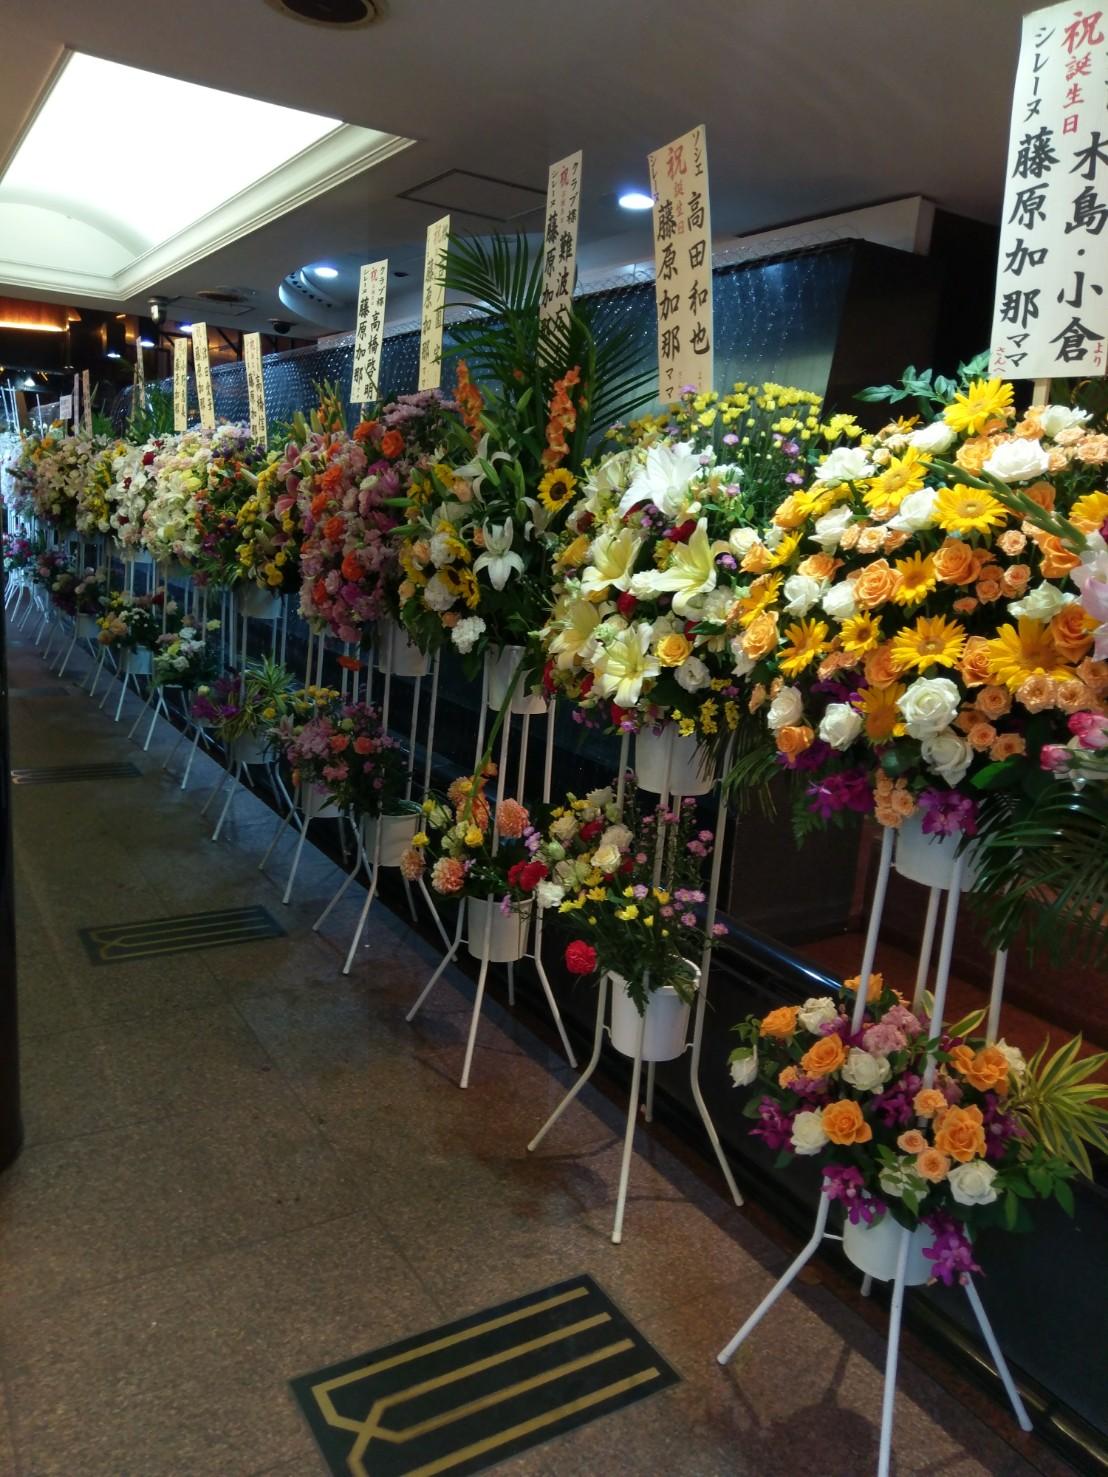 銀座8丁目の高級クラブ「シレーヌ」の藤原加那ママさん、お誕生日おめでとうございます!